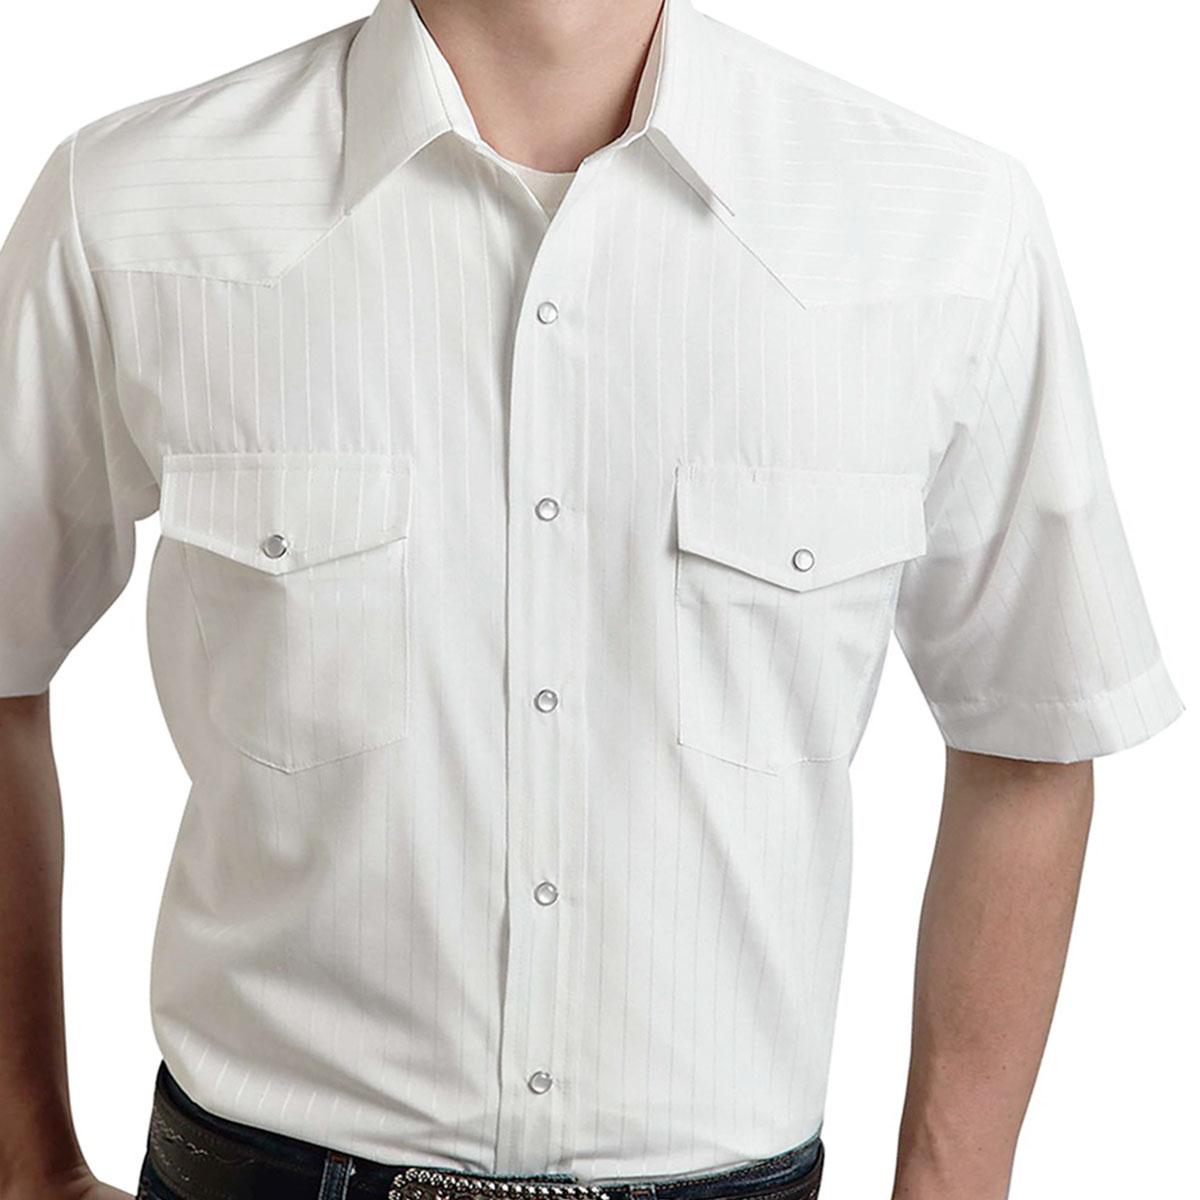 画像1: ローパー ウエスタン シャツ(ホワイト・半袖)/Roper Long Sleeve Western Shirt (1)